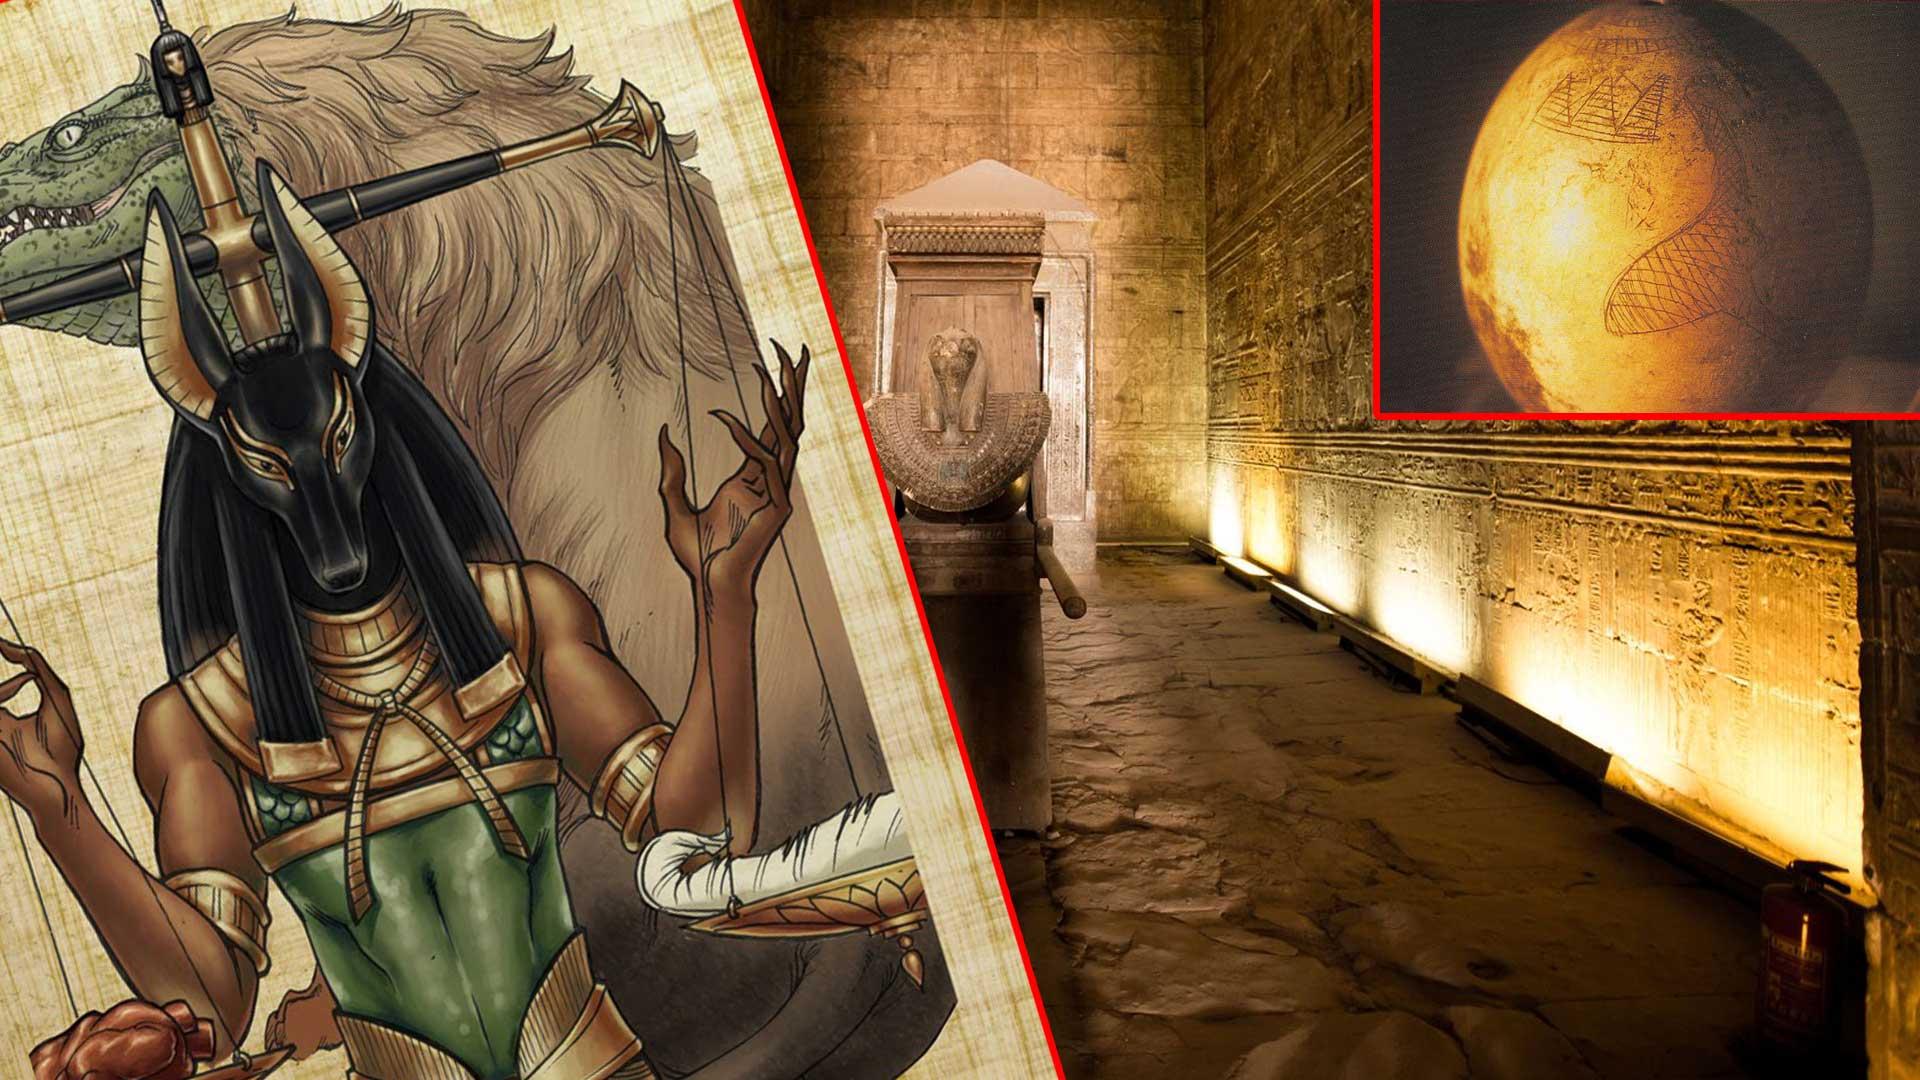 La civilización egipcia podría ser miles de años más antigua de lo que se pensaba